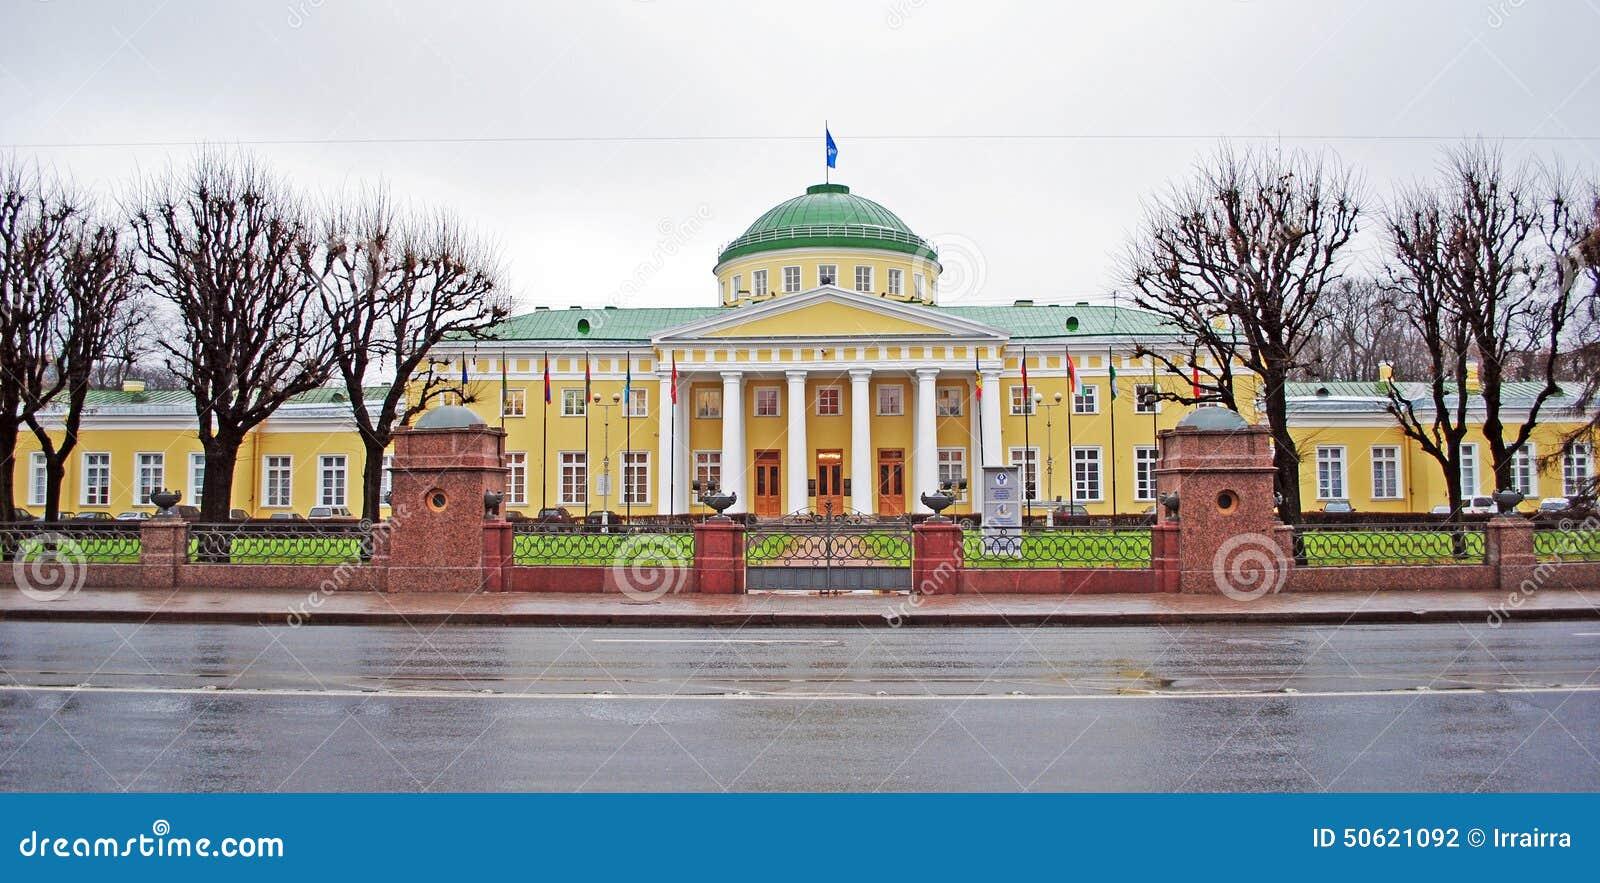 Orangery of the Tauride Garden in St. Petersburg 94